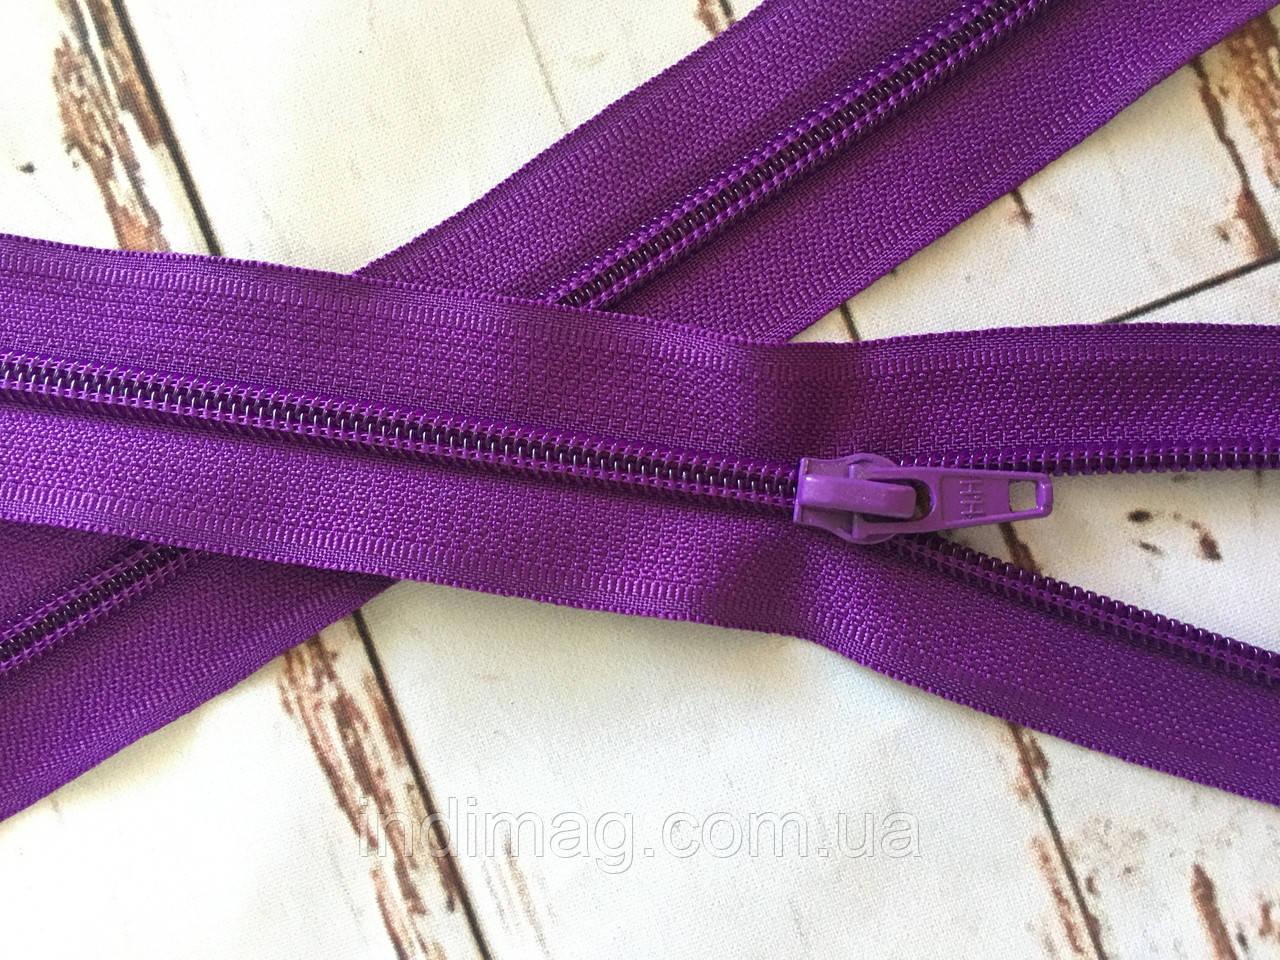 Молния змейка Пластик  фиолетовый  размер 75 см